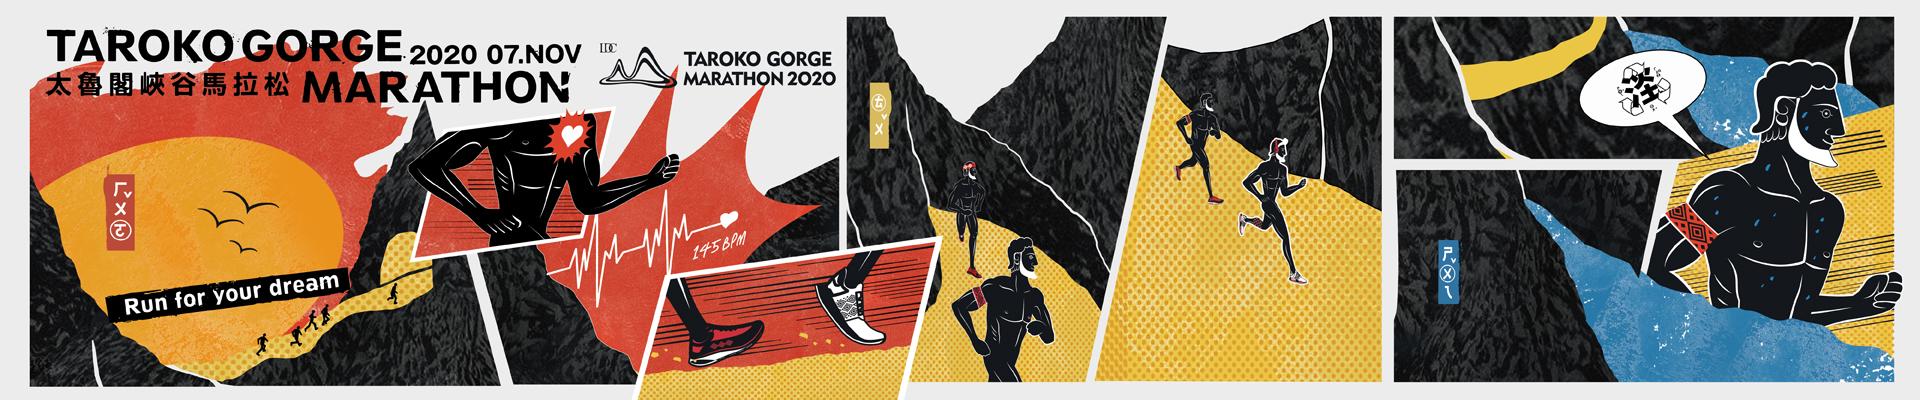 2020雲朗觀光太魯閣峽谷馬拉松-主視覺